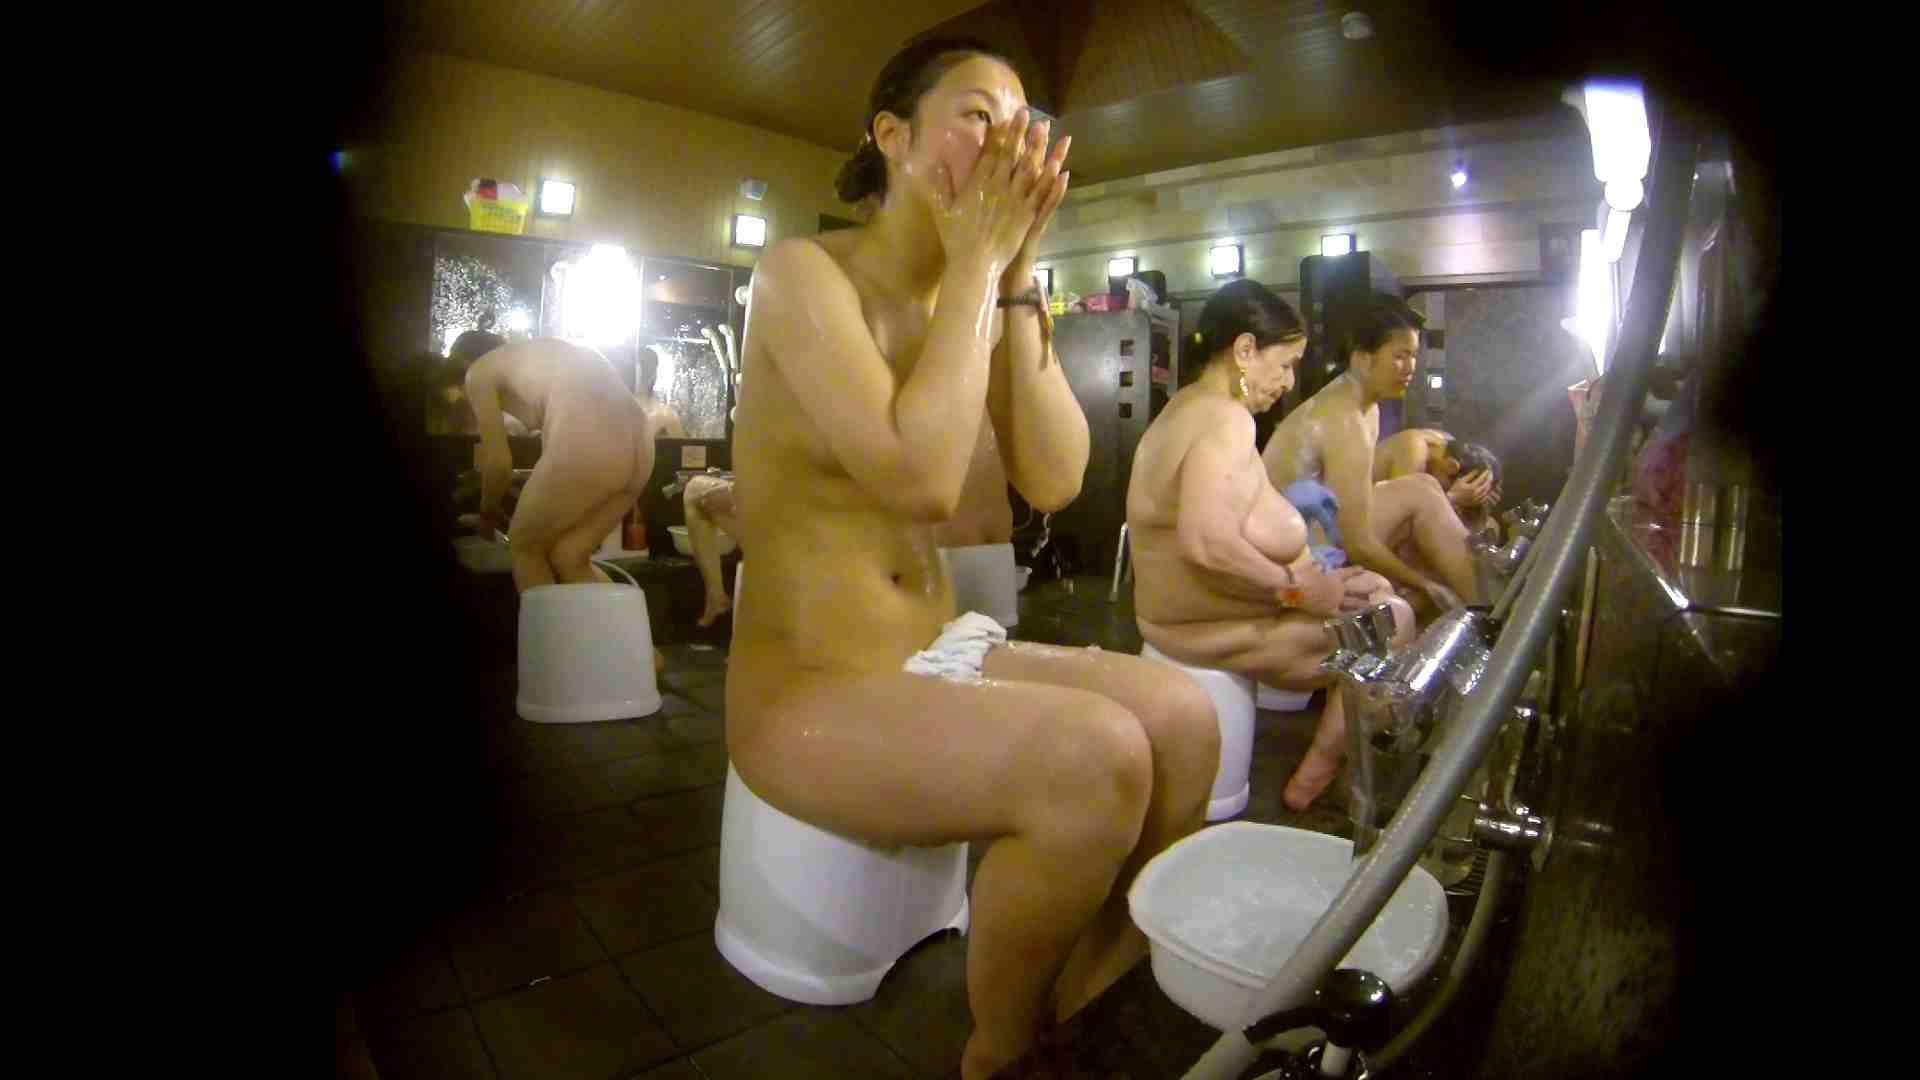 追い撮り!脱衣~洗い場、徹底追跡!撮り師さんに拍手!! 潜入  78画像 27